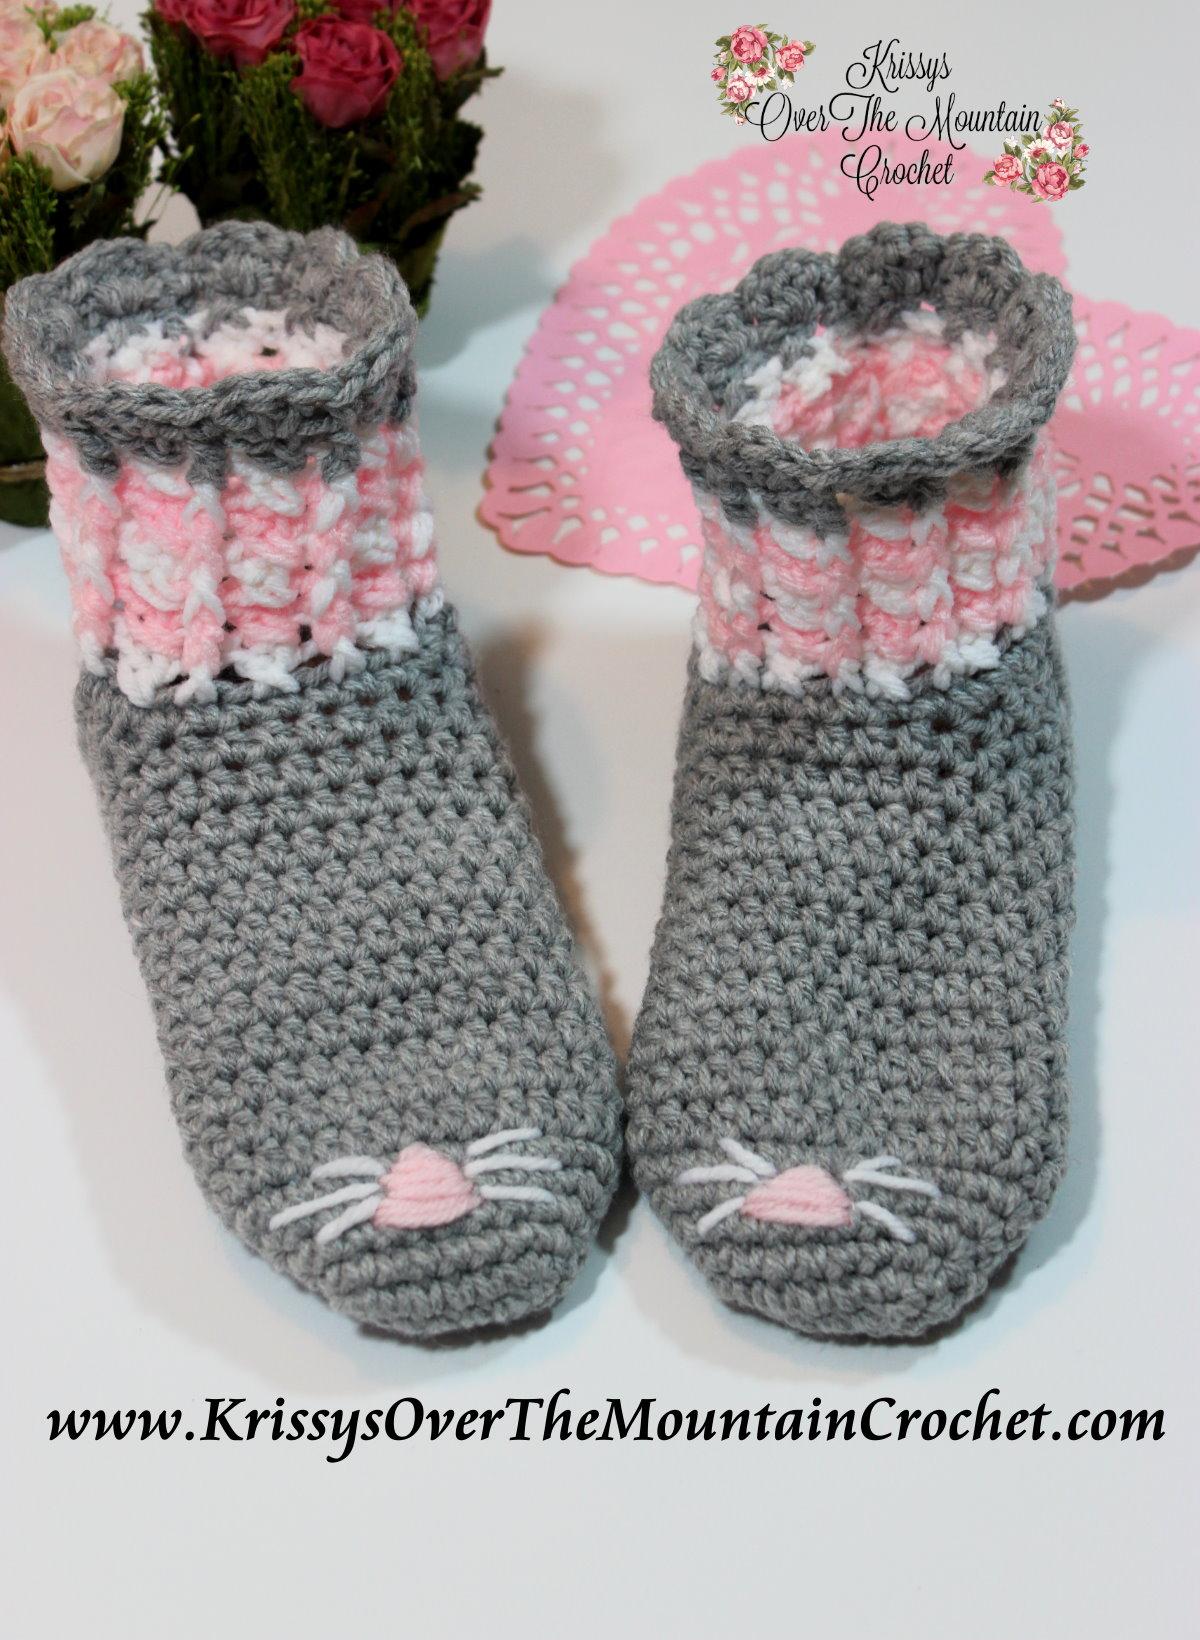 Purrr-fect socks